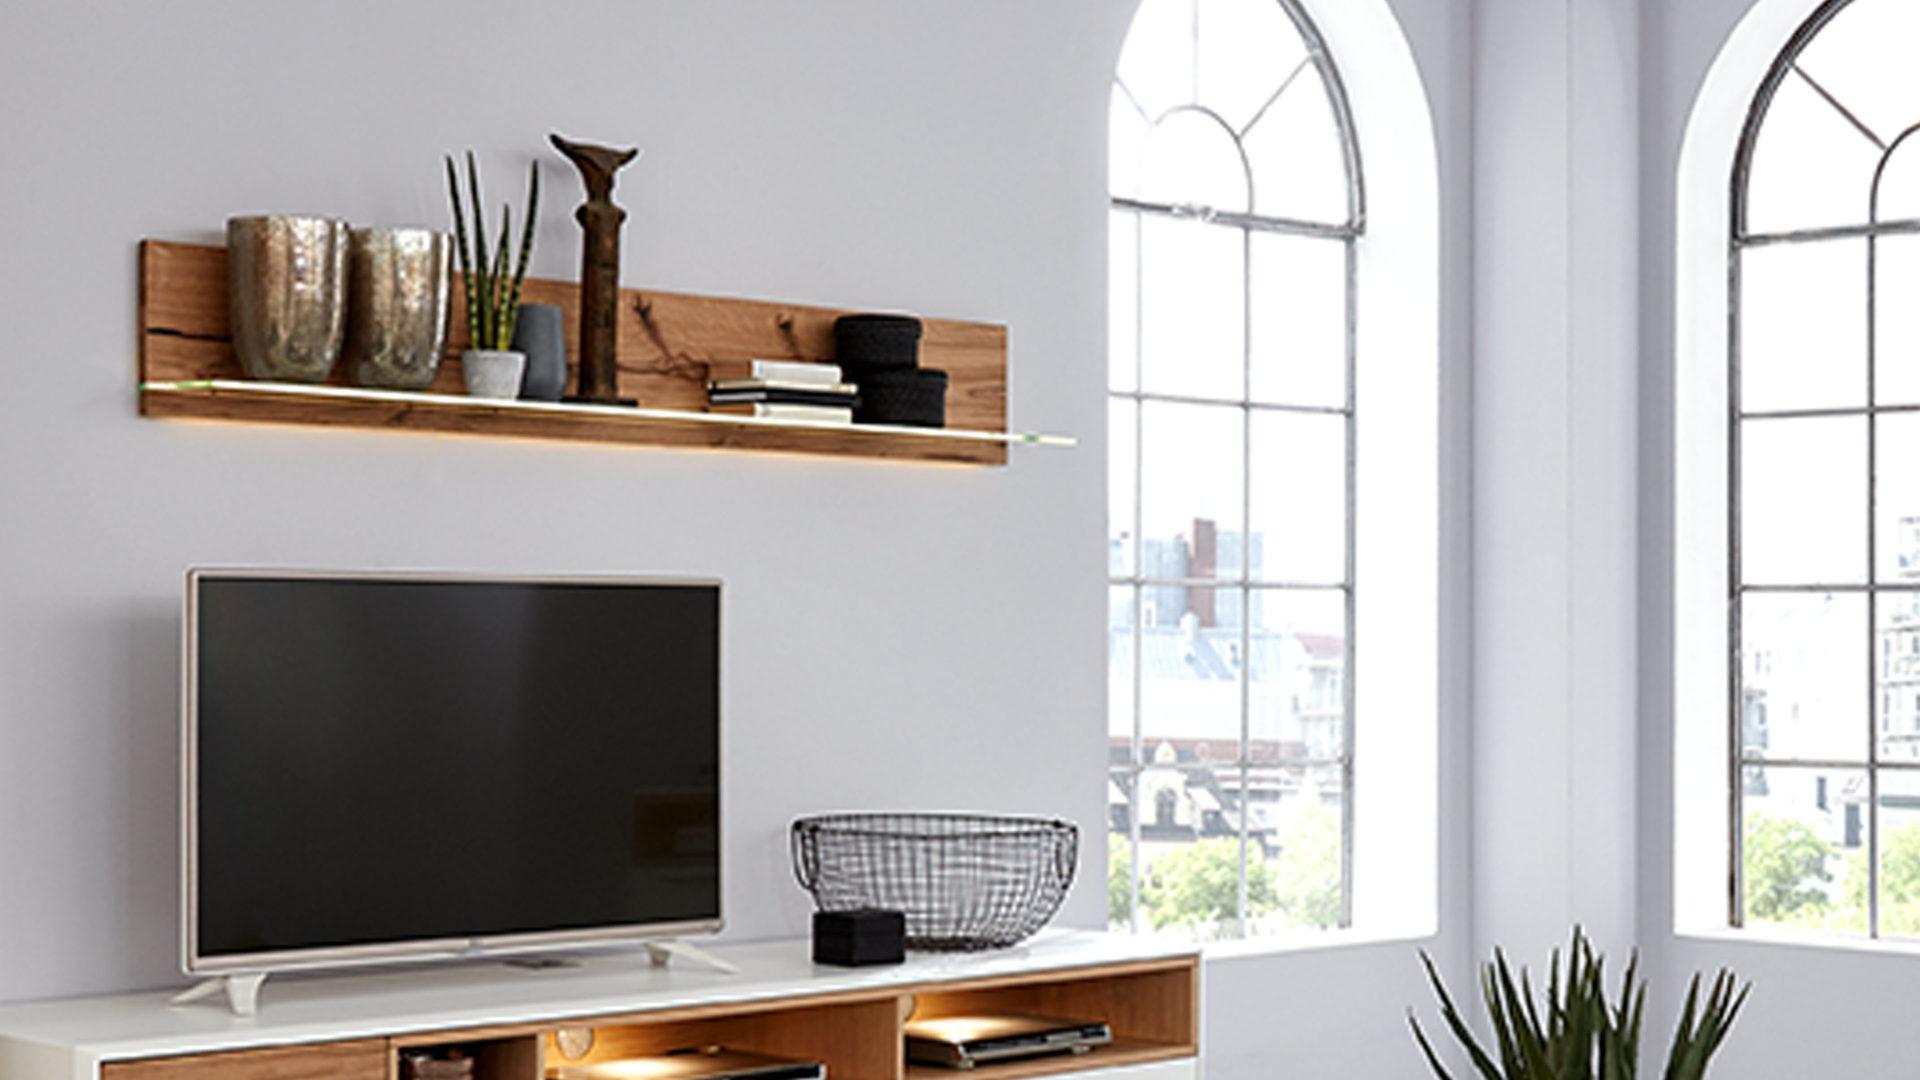 Interliving Wohnzimmer Serie 2102 Wandregal 617 Mit Beleuchtung Helles Asteiche Furnier Länge Ca 176 Cm